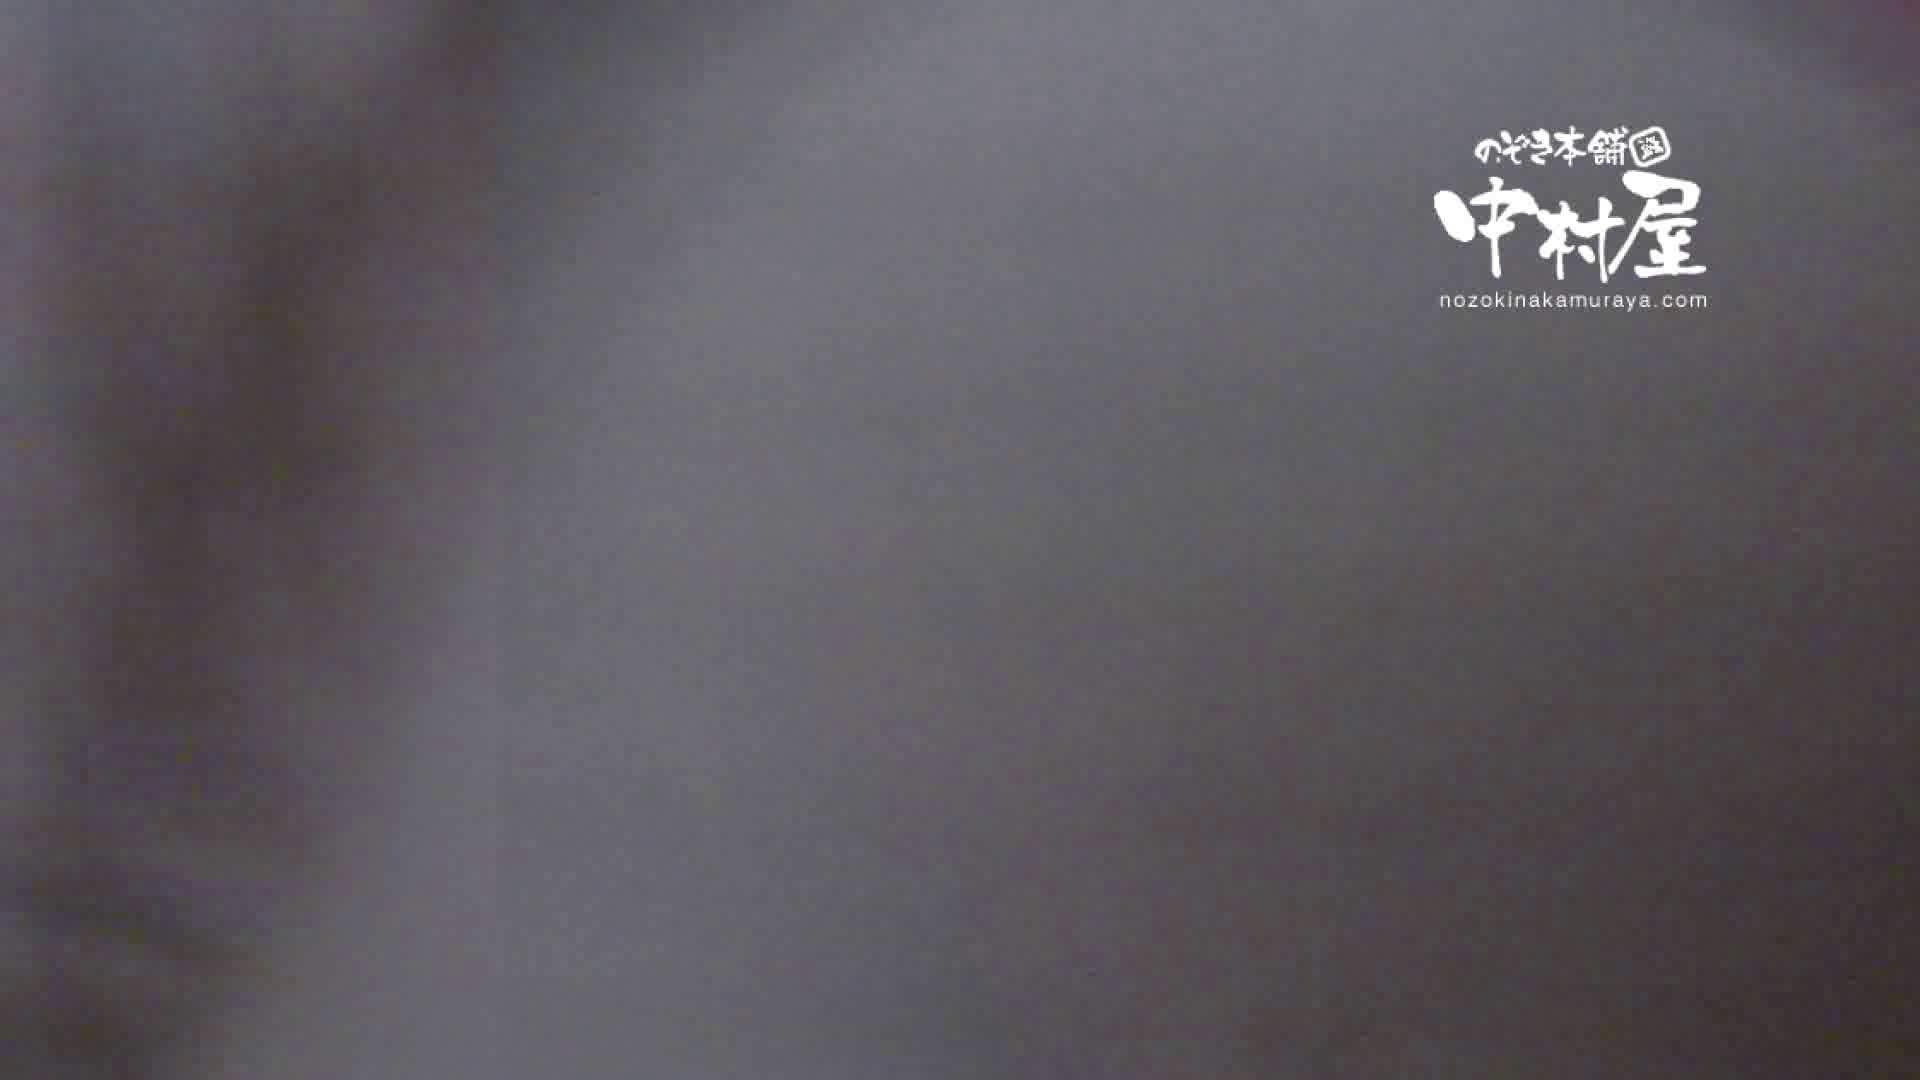 鬼畜 vol.12 剥ぎ取ったら色白でゴウモウだった 前編 鬼畜 | 美女OL  50連発 5